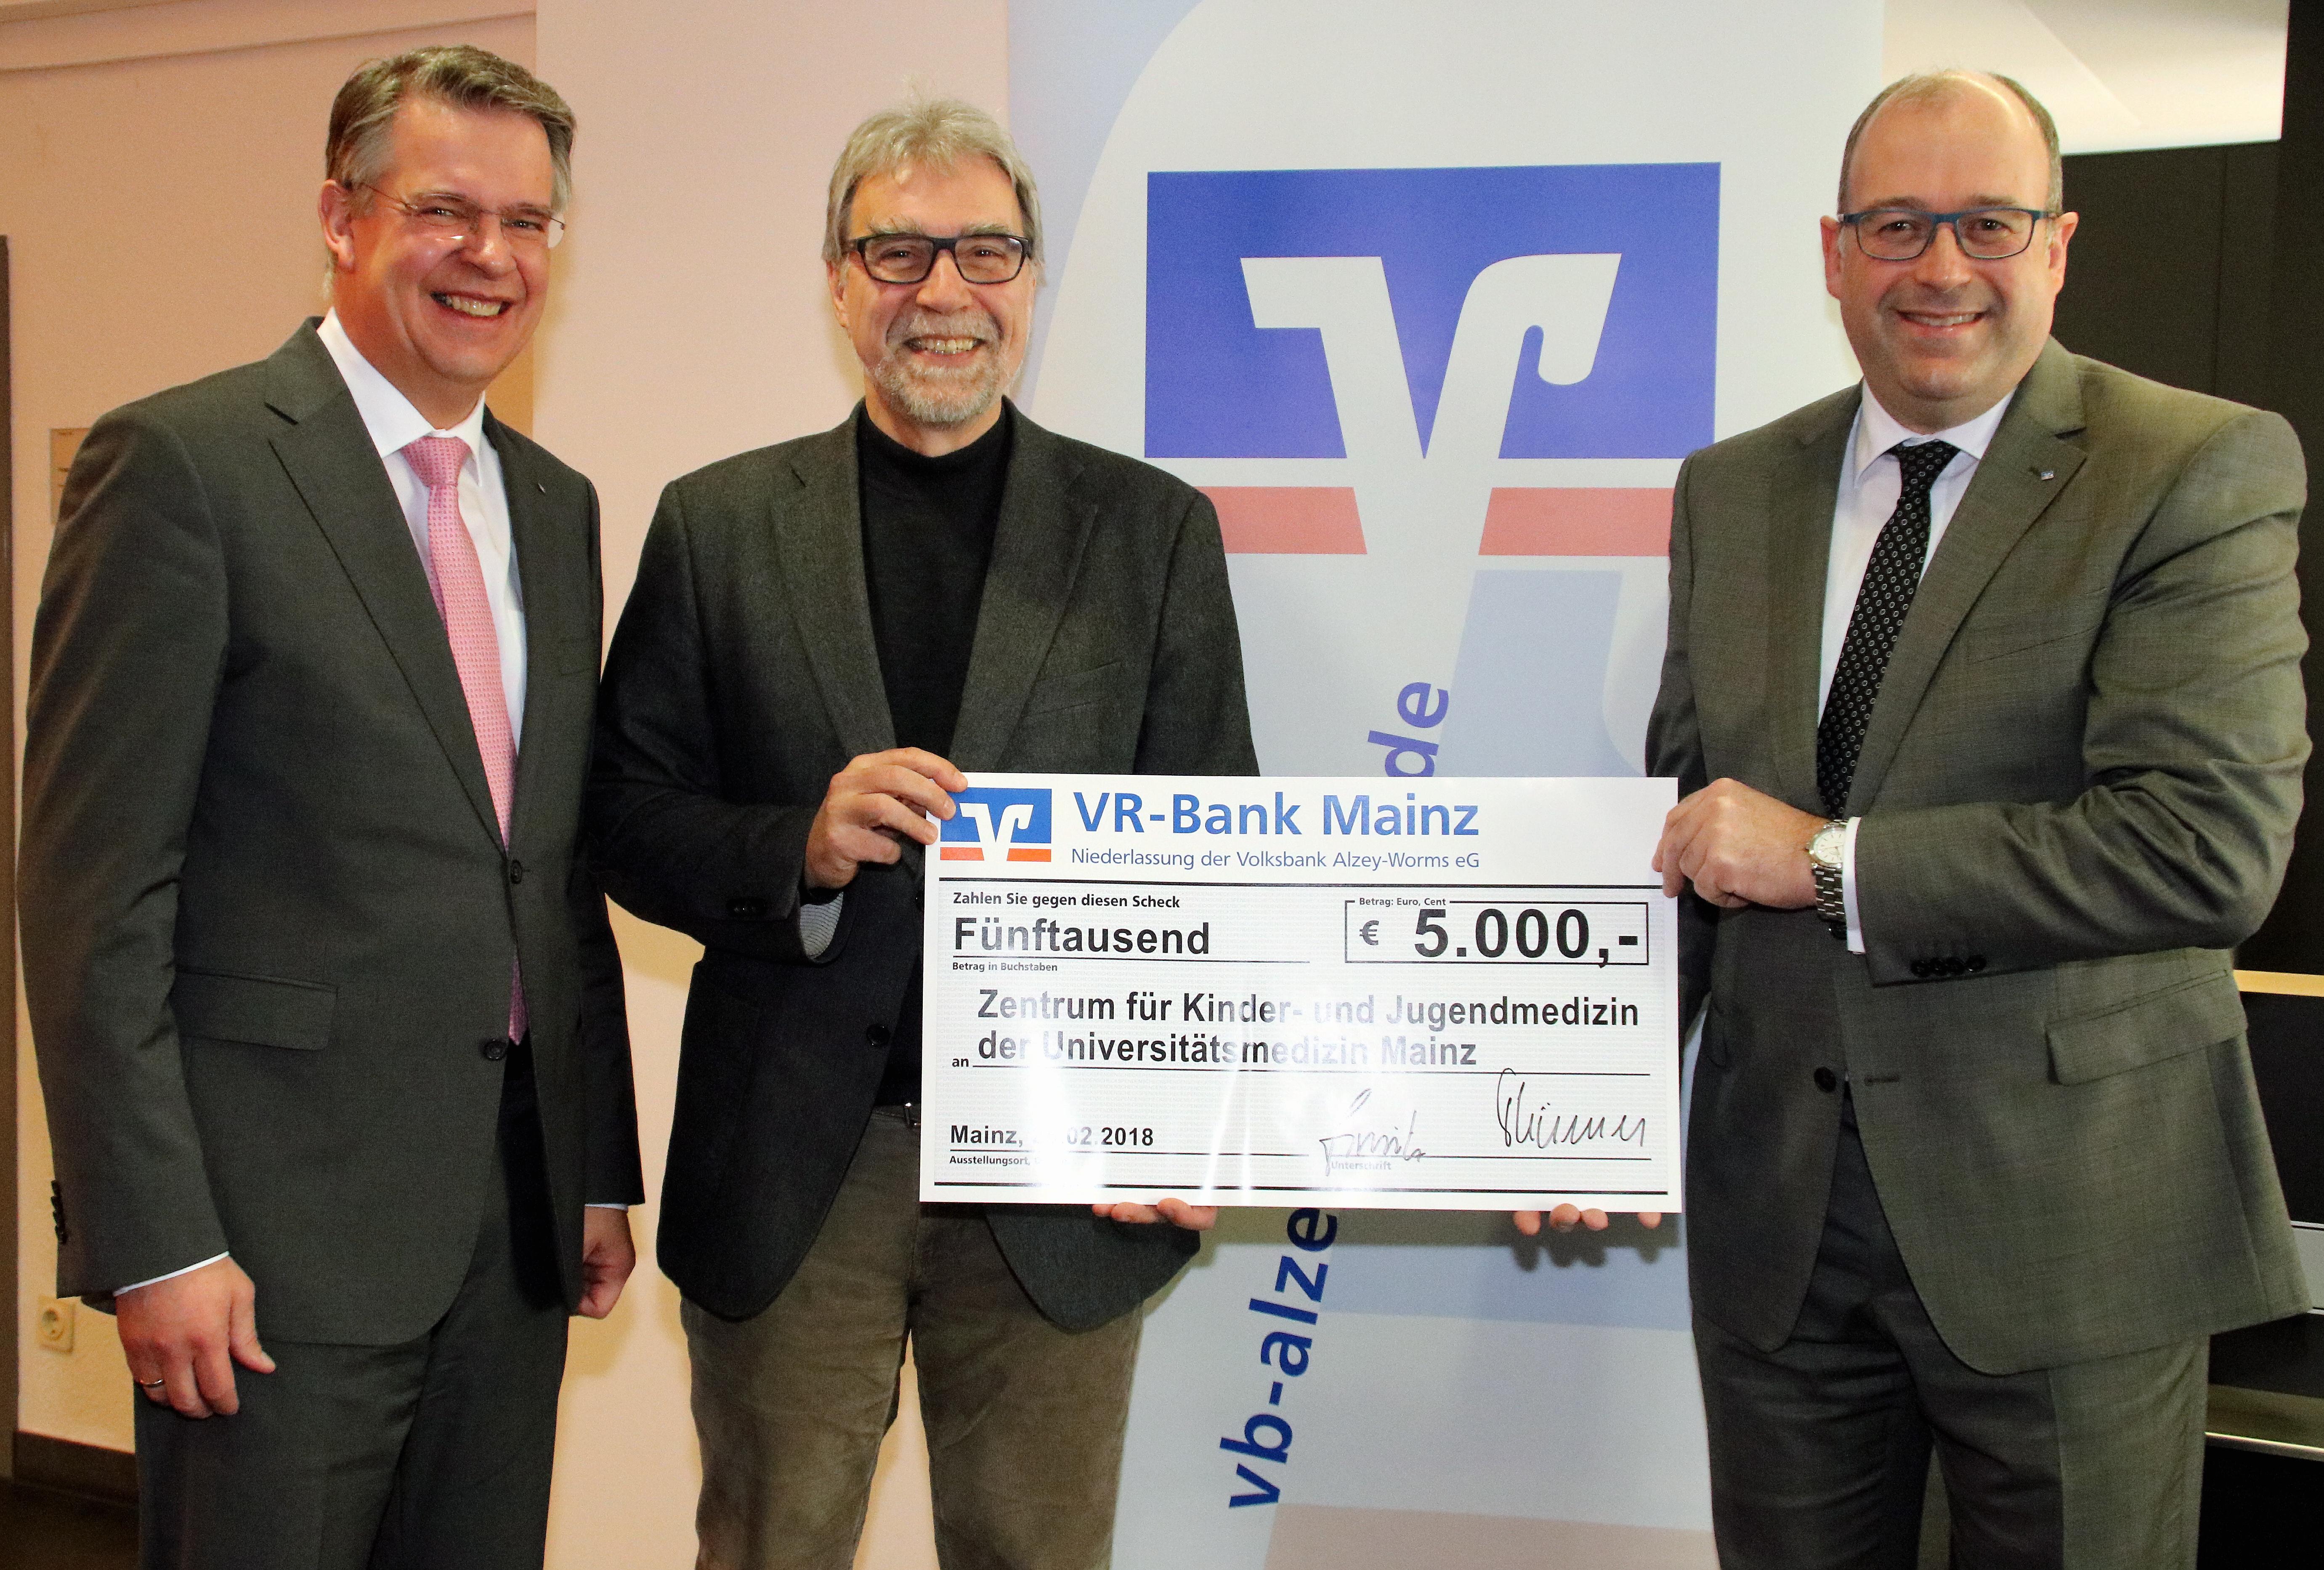 Vr Bank Mainz Gonsenheim